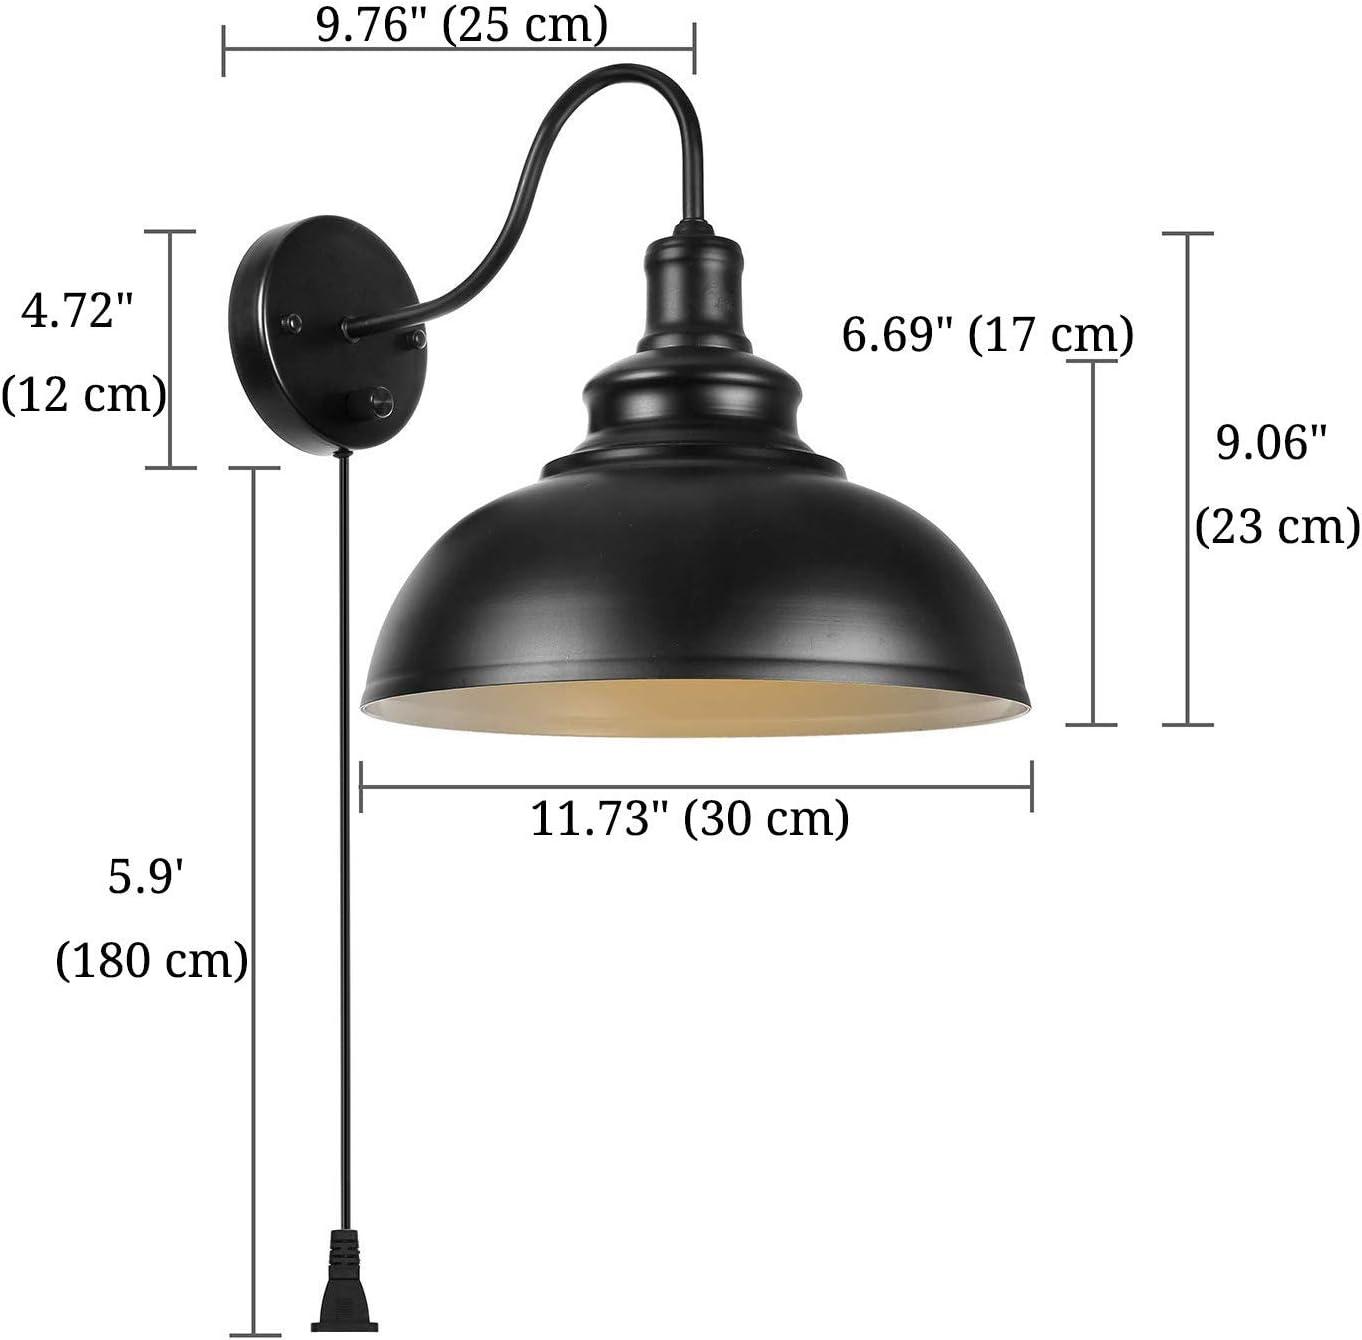 300+ Dimmbare Wandleuchte mit Schalter und Stecker Schnur Wandmontage  Wandbeleuchtung E12 Leseleuchte Schwarz Wandlampe Industrie Vintage  Nachttischlampe